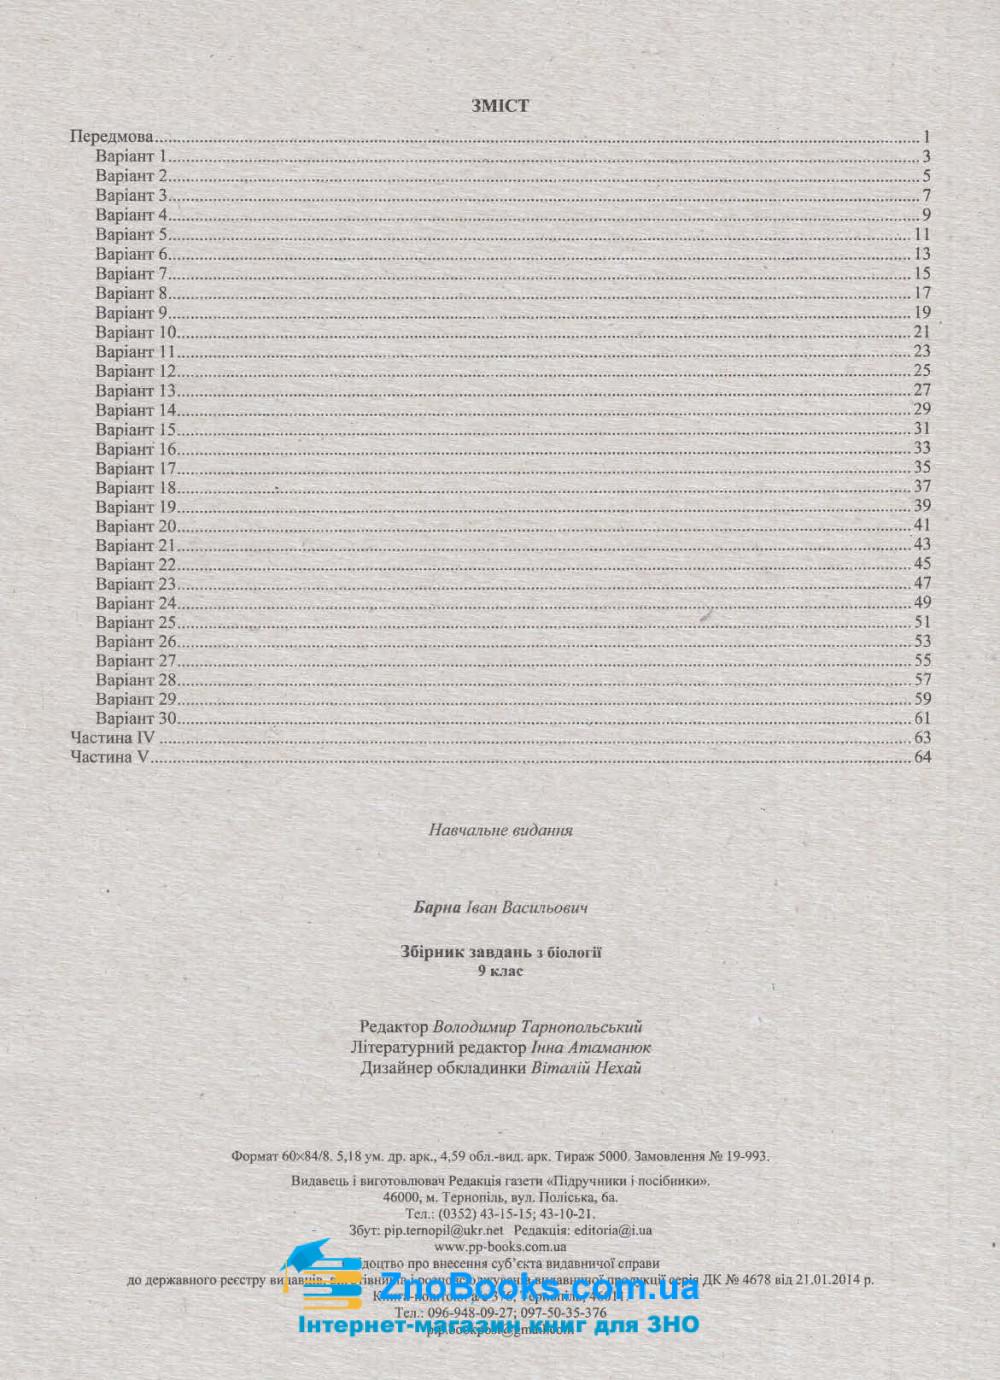 Збірник завдань з біології ДПА 2020 9 клас : Барна І. Тернопіль. Купити 8